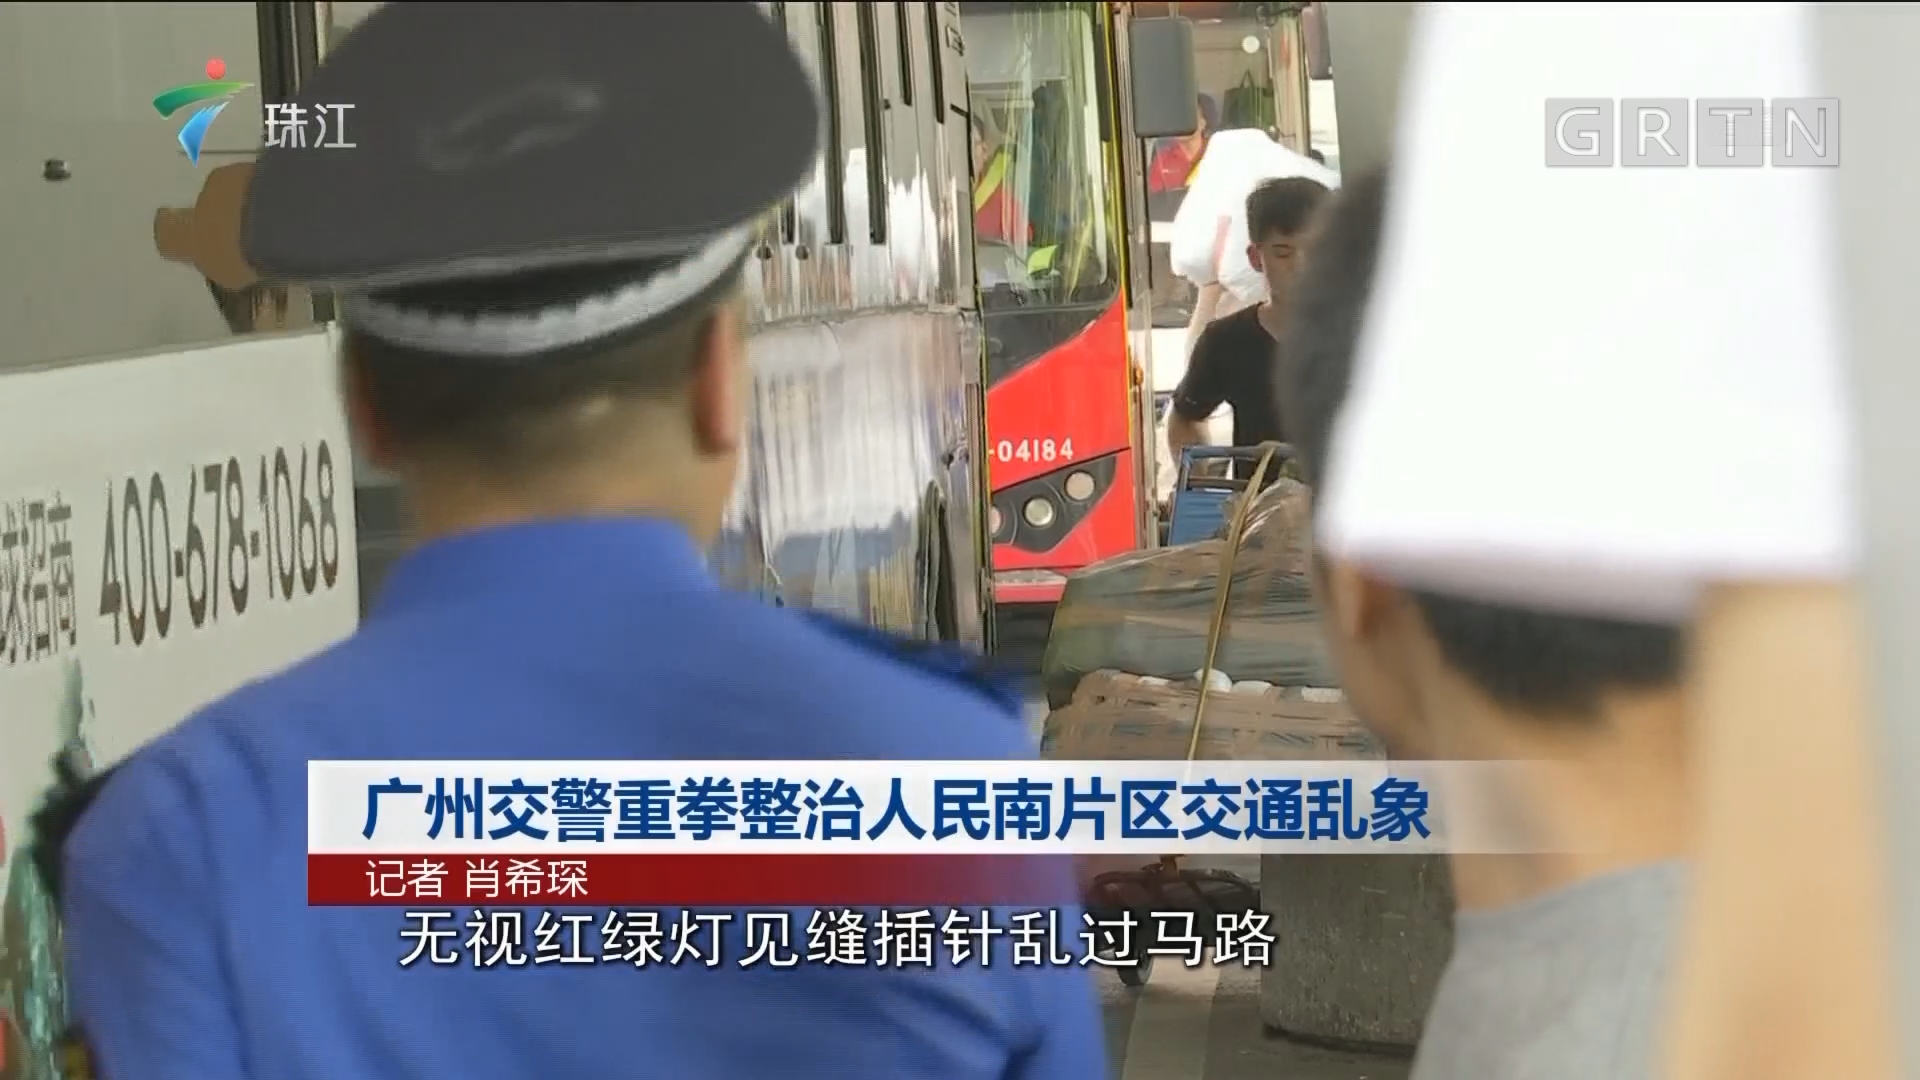 广州交警重拳整治人民南片区交通乱象